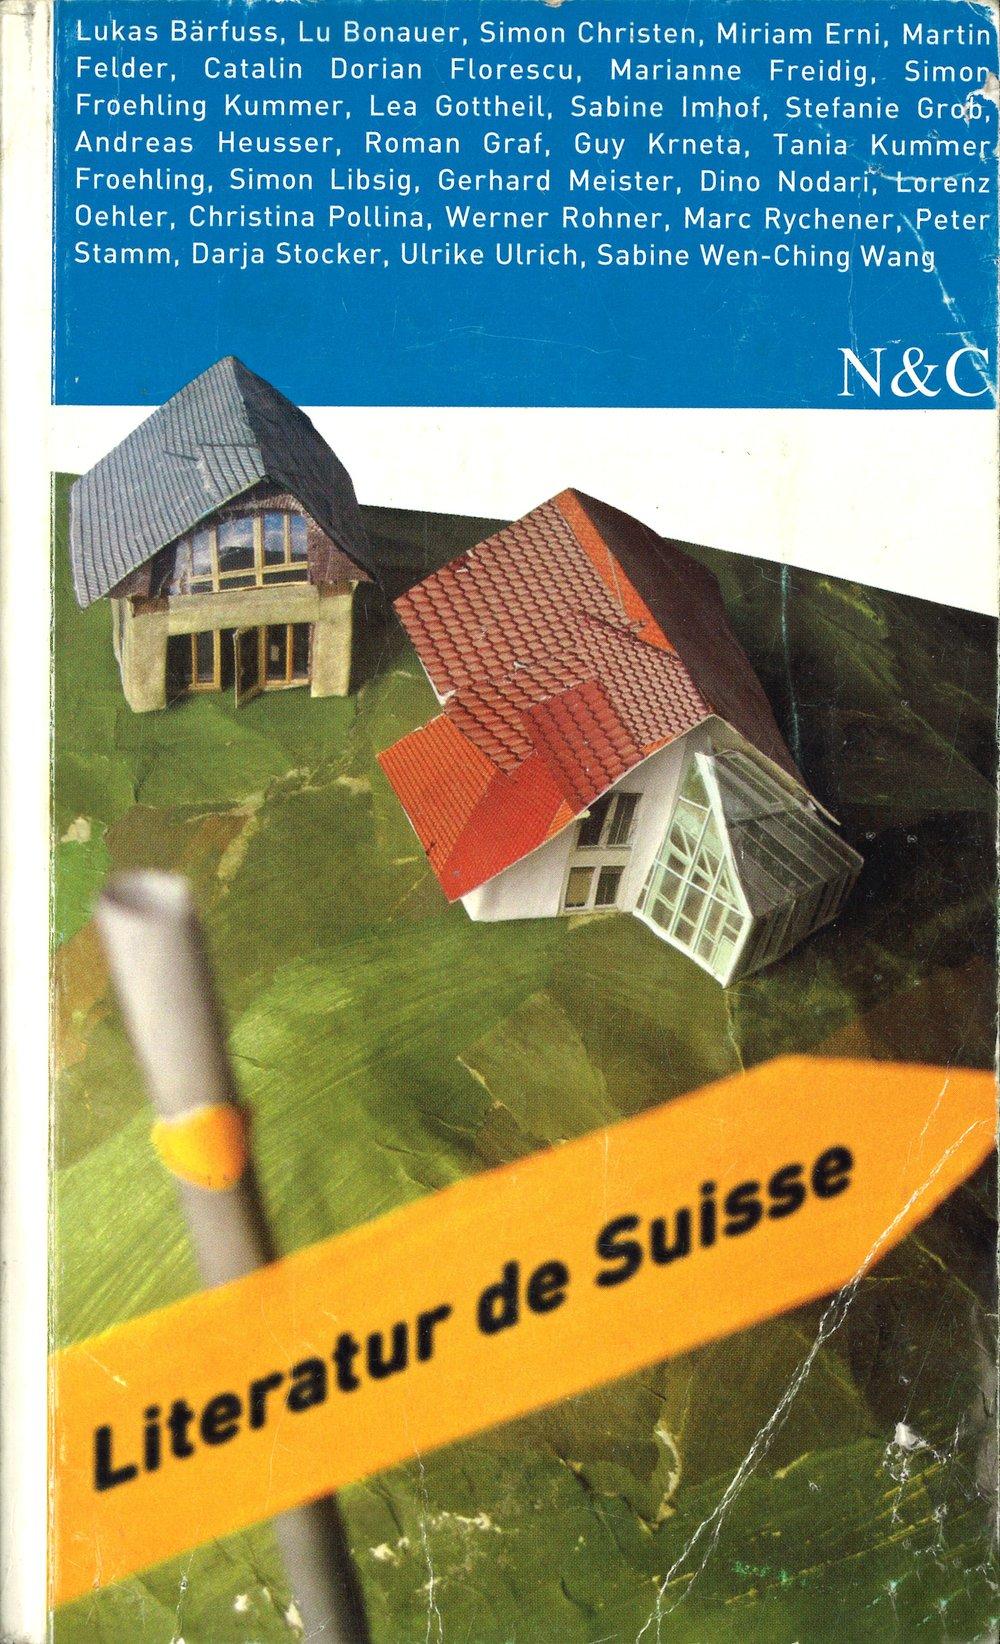 LITERATUR DE SUISSE_COVER_mini.jpg